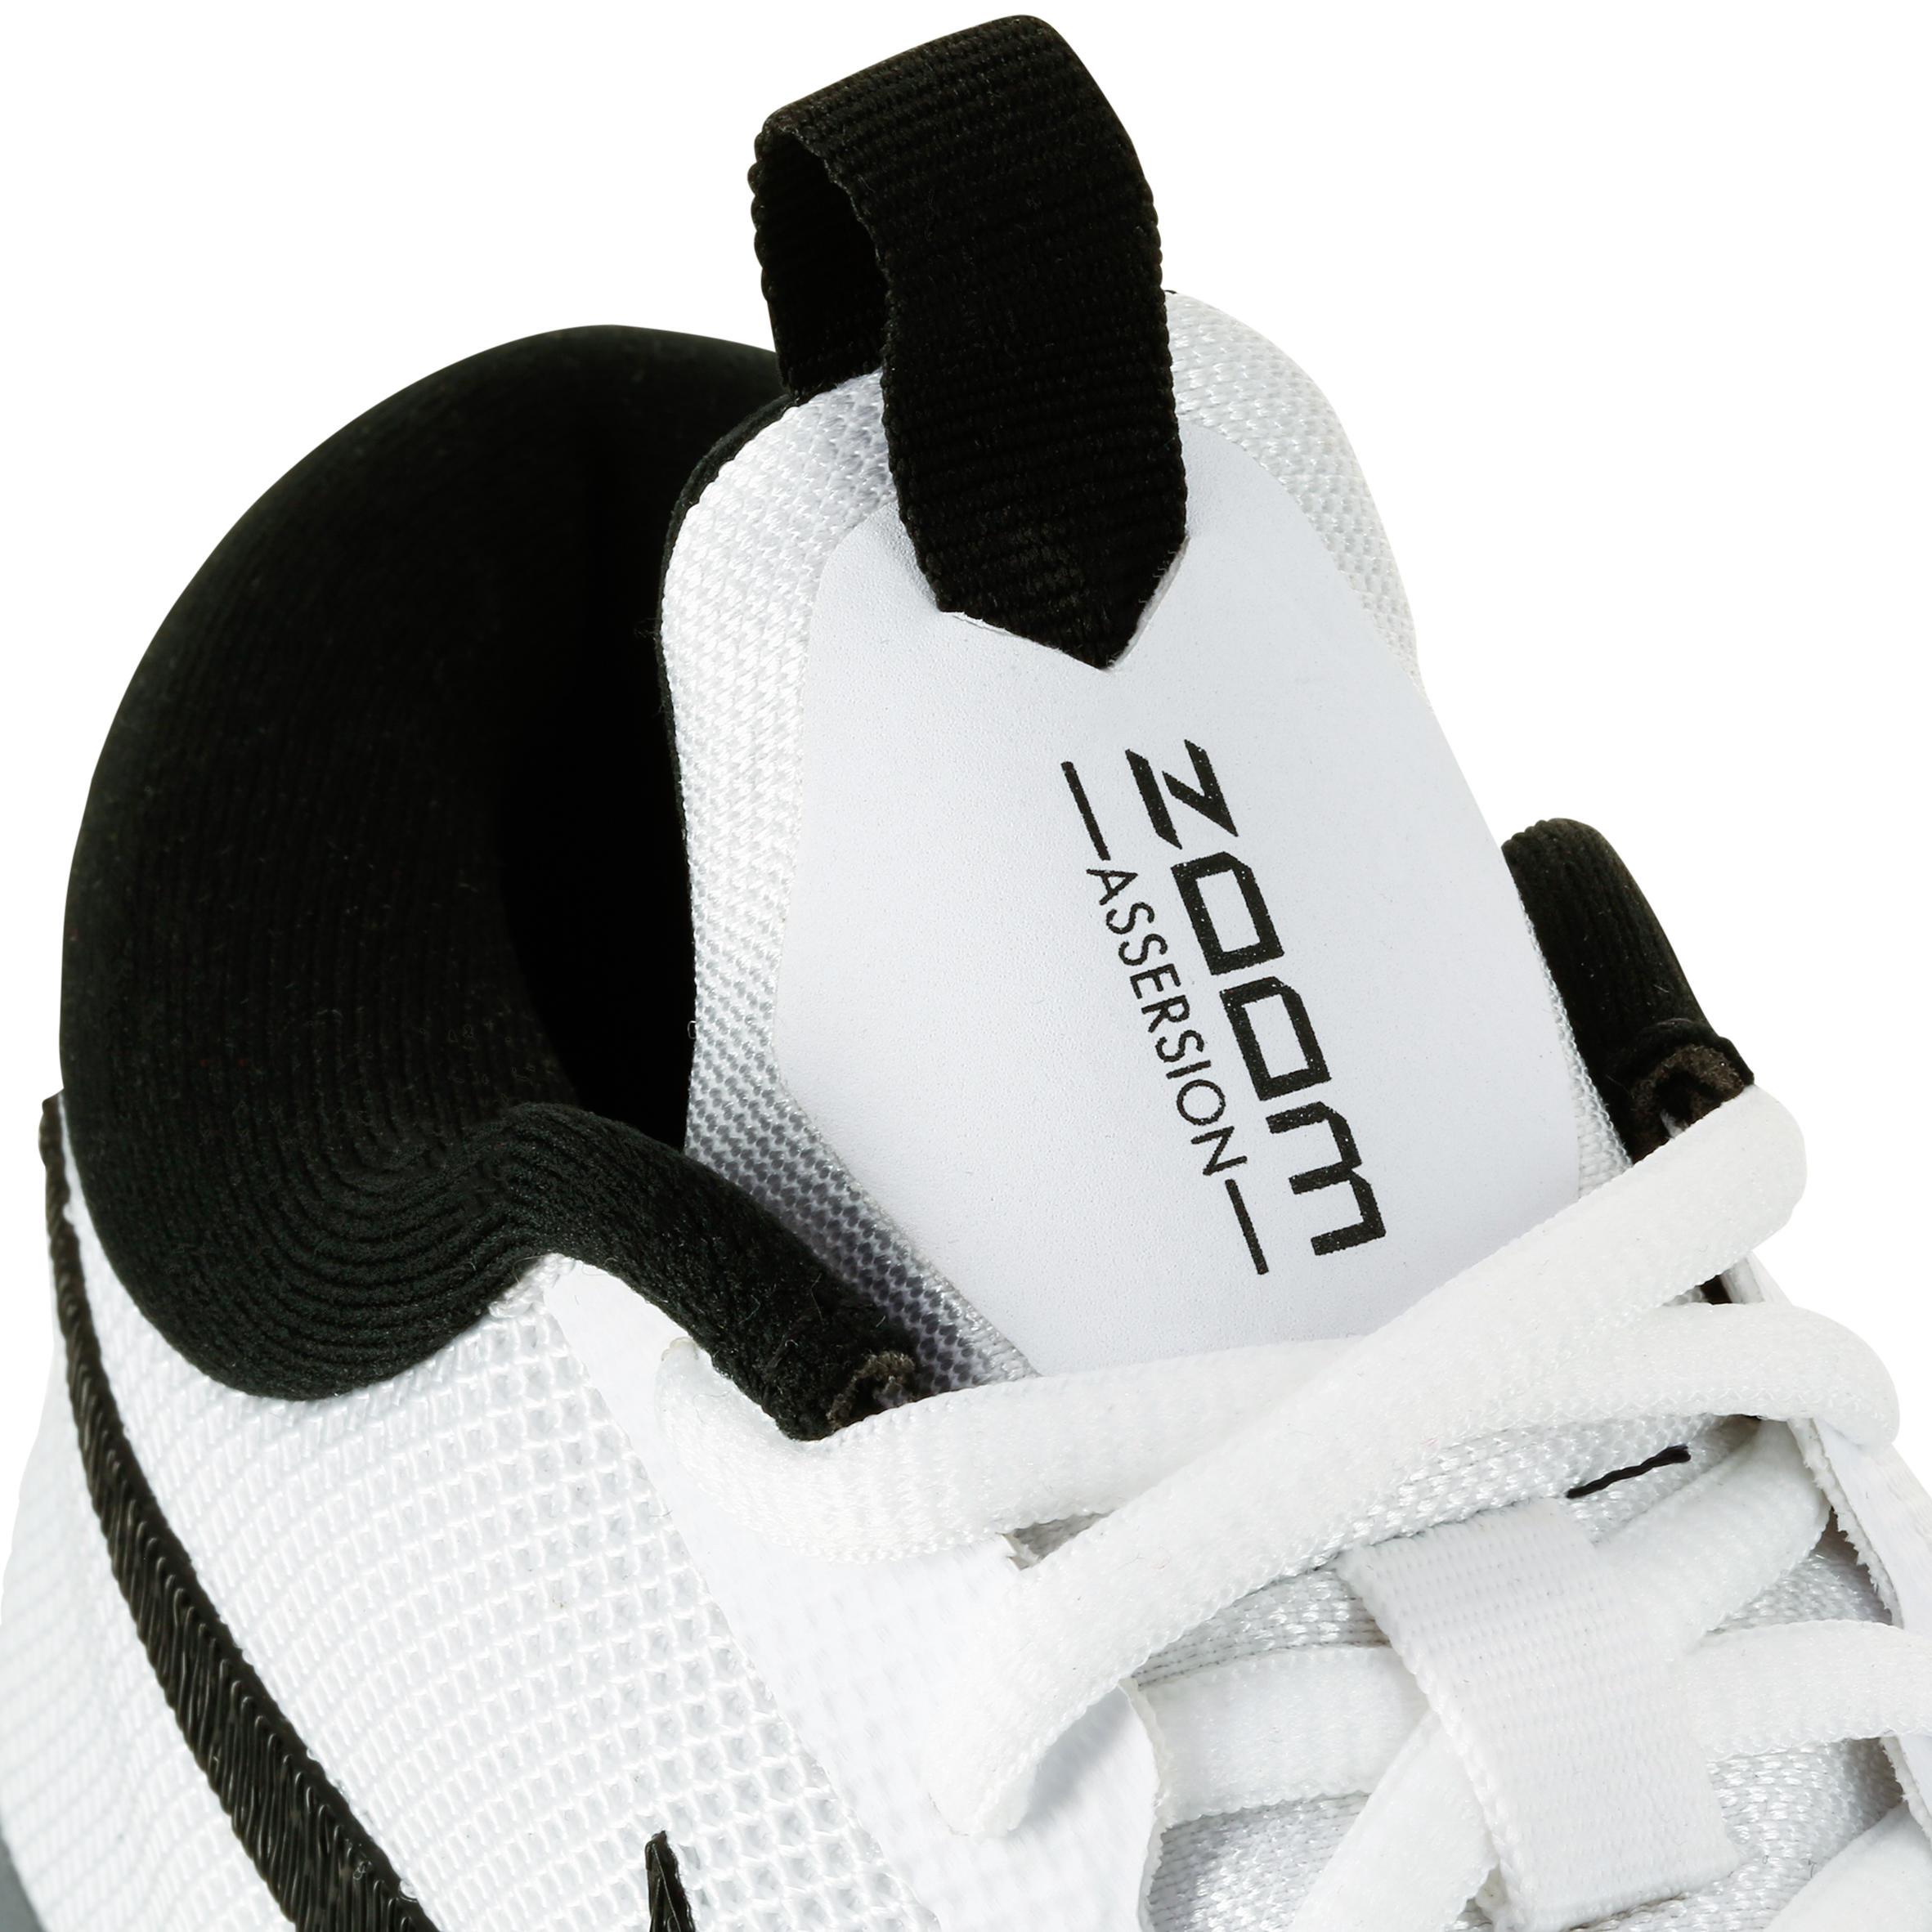 Blanche Nike Noire Basketball Assertion De Chaussure MVSGqzUp